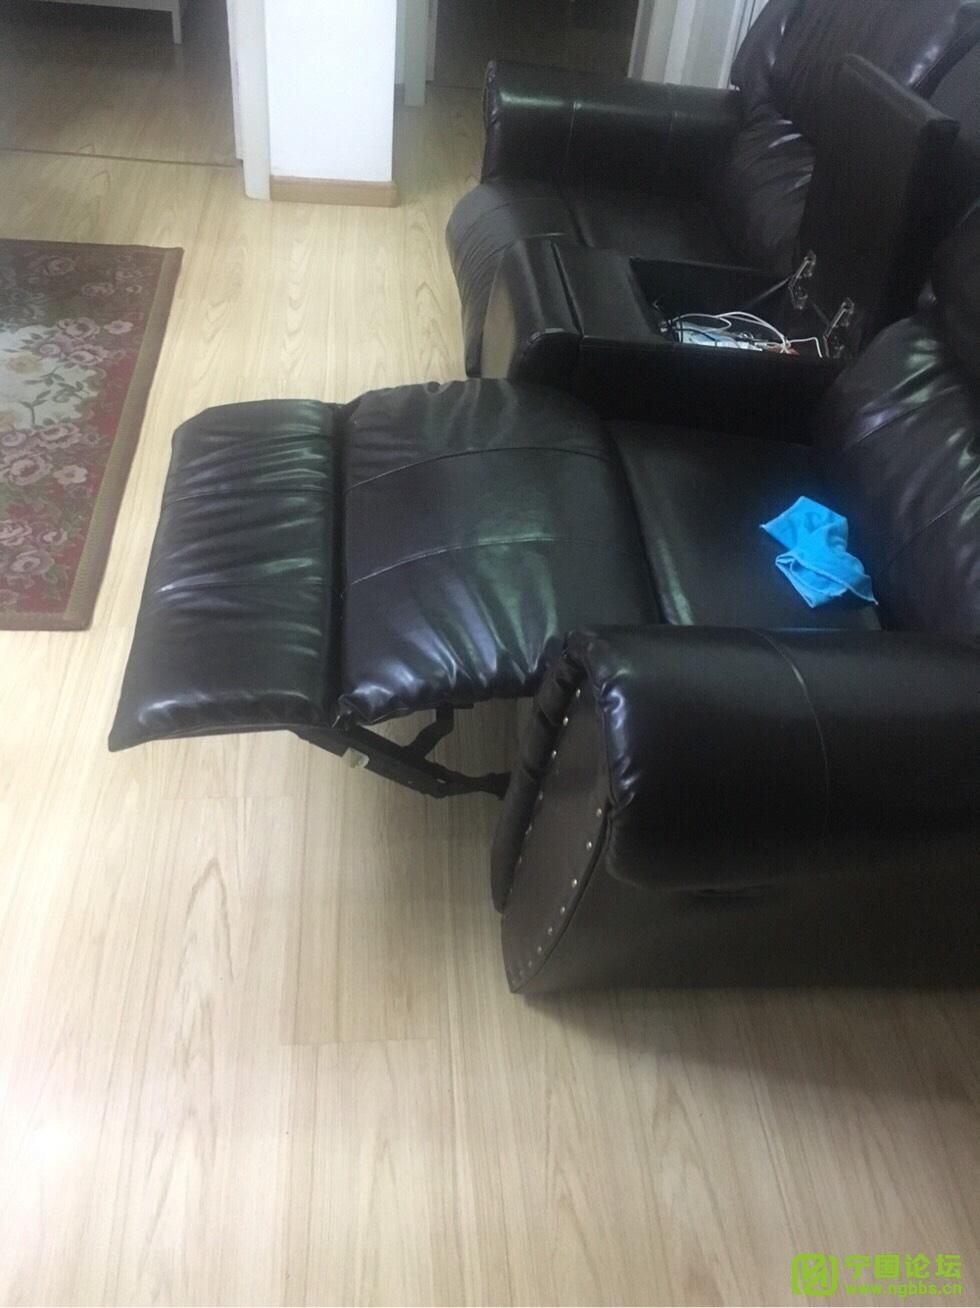 高档沙发出售 - 宁国论坛 - 215320hs91999x9dhbg9rr.jpg